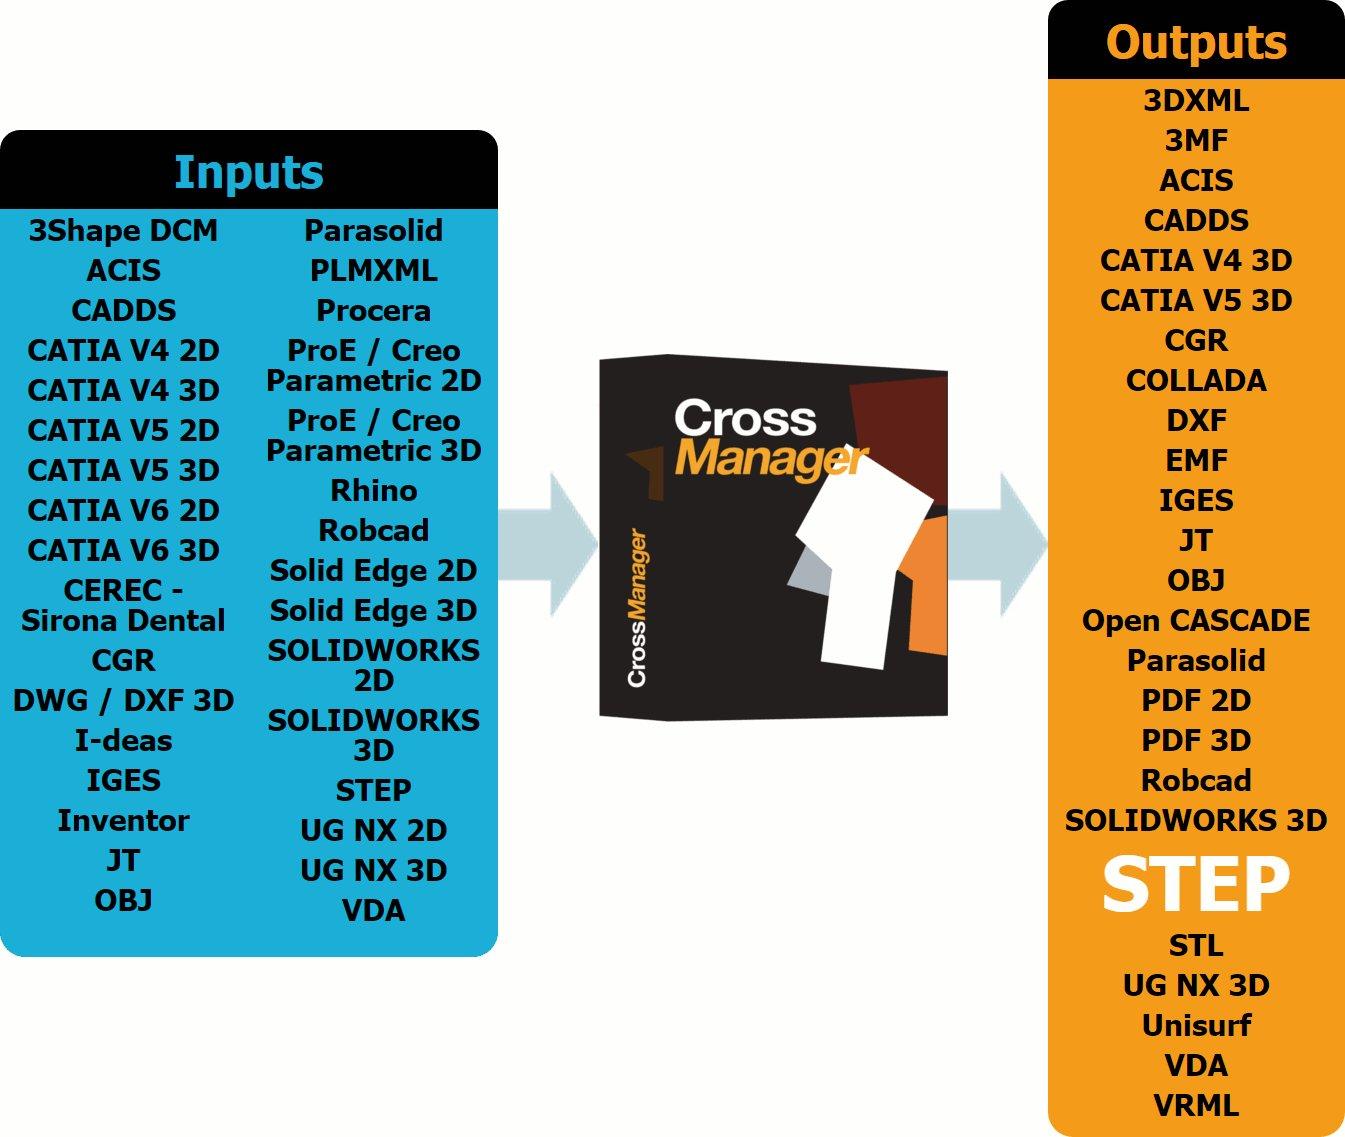 Datakit propose un export au format STEP aux utilisateurs de CrossManager sans supplément de coût